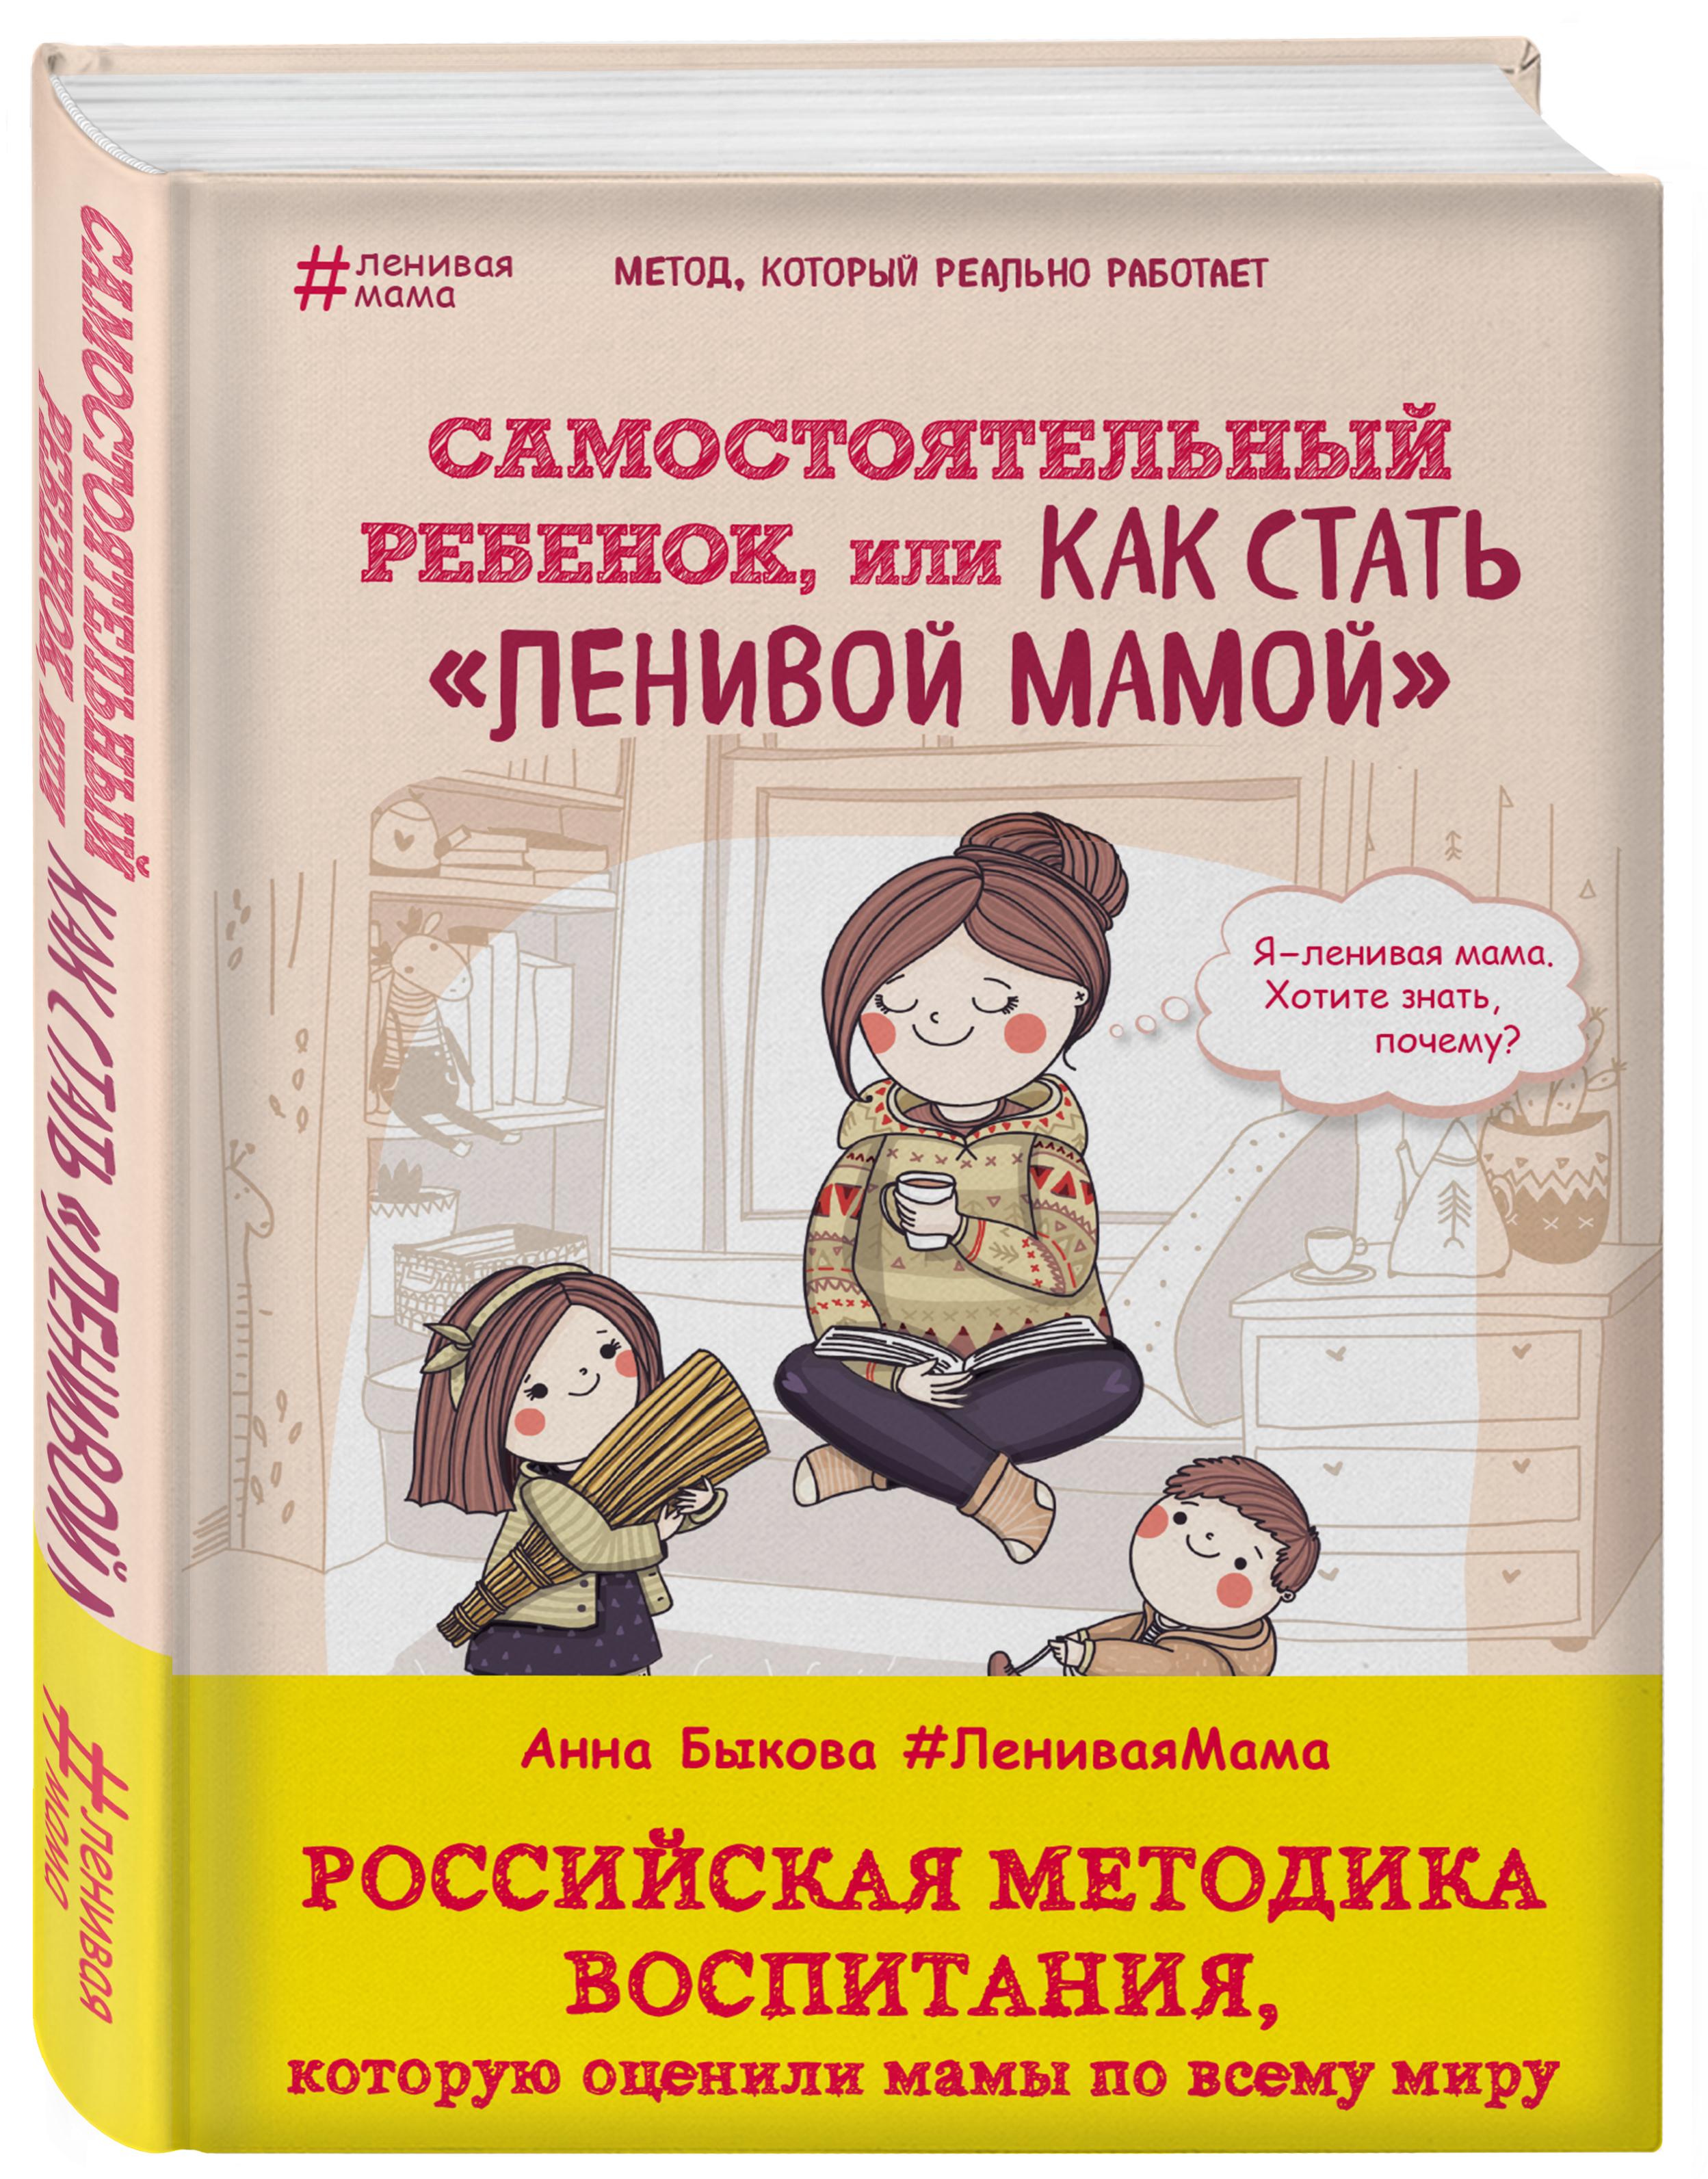 Быкова Анна Александровна Самостоятельный ребенок, или Как стать ленивой мамой